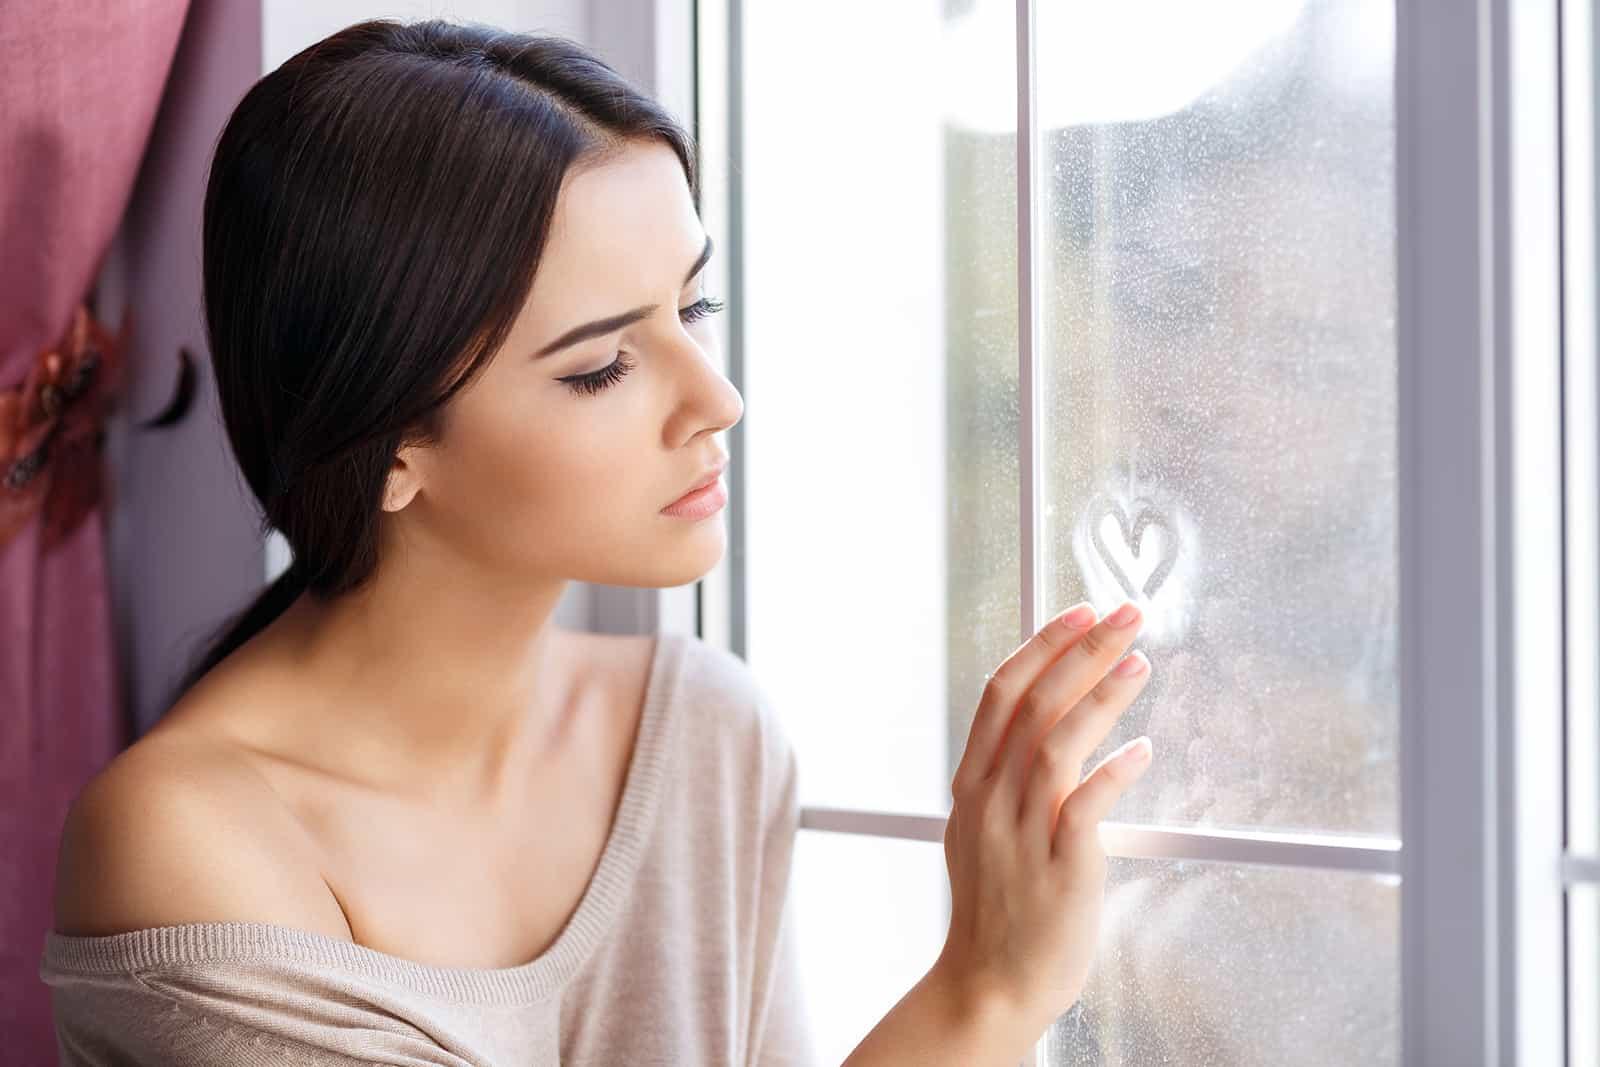 ein nachdenkliches Mädchen, das auf der Fensterbank sitzt und ein Herz auf Glas malt